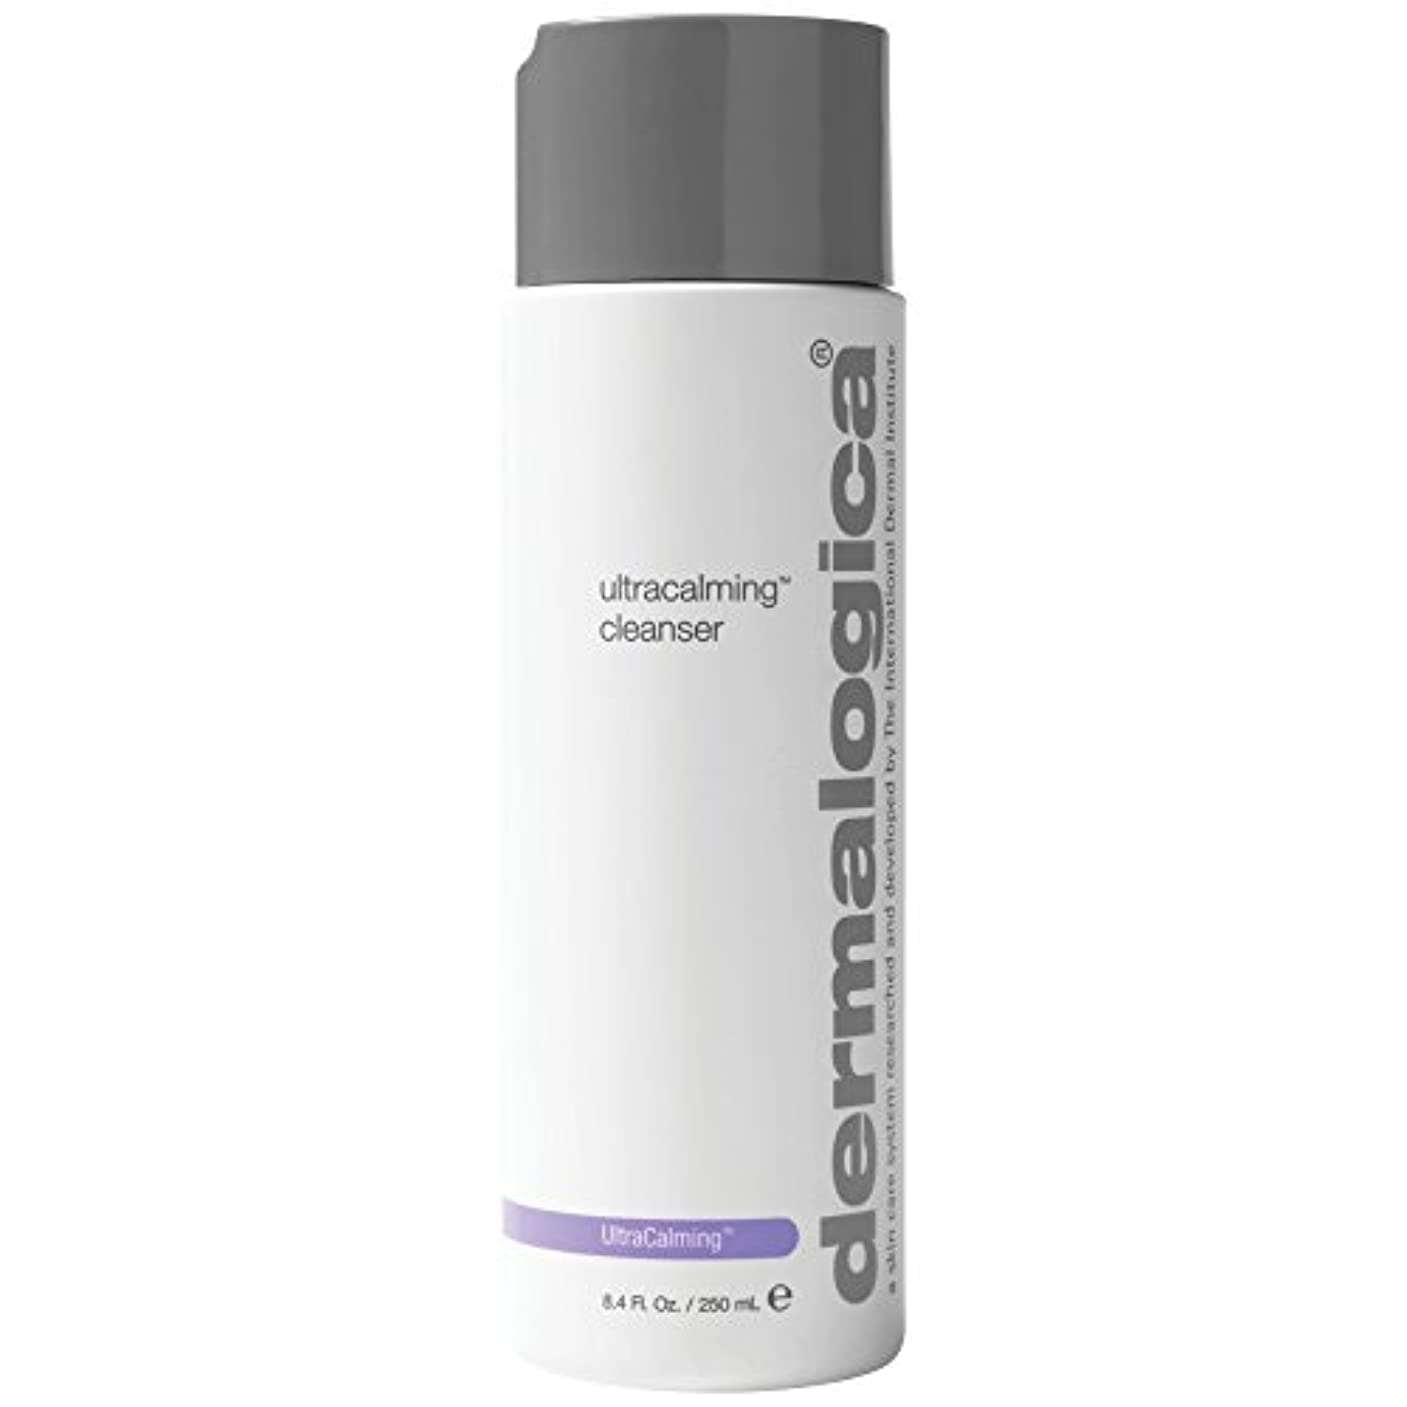 すり減る保安使い込むダーマロジカUltracalming?クレンザーの250ミリリットル (Dermalogica) (x6) - Dermalogica UltraCalming? Cleanser 250ml (Pack of 6) [...